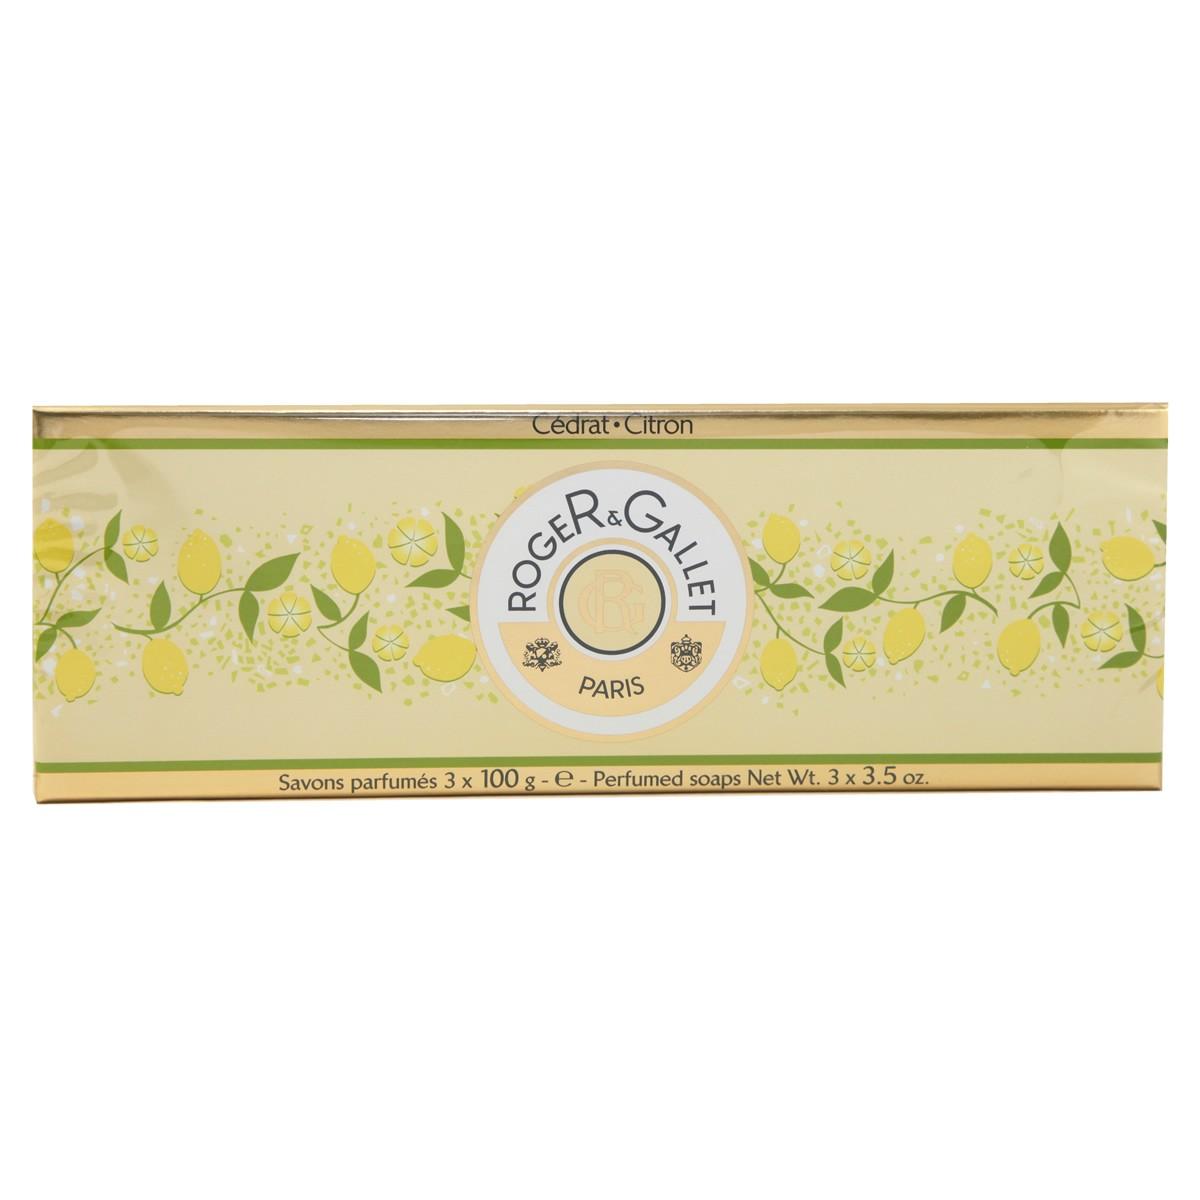 Roger & Gallet Citron Soap Coffret